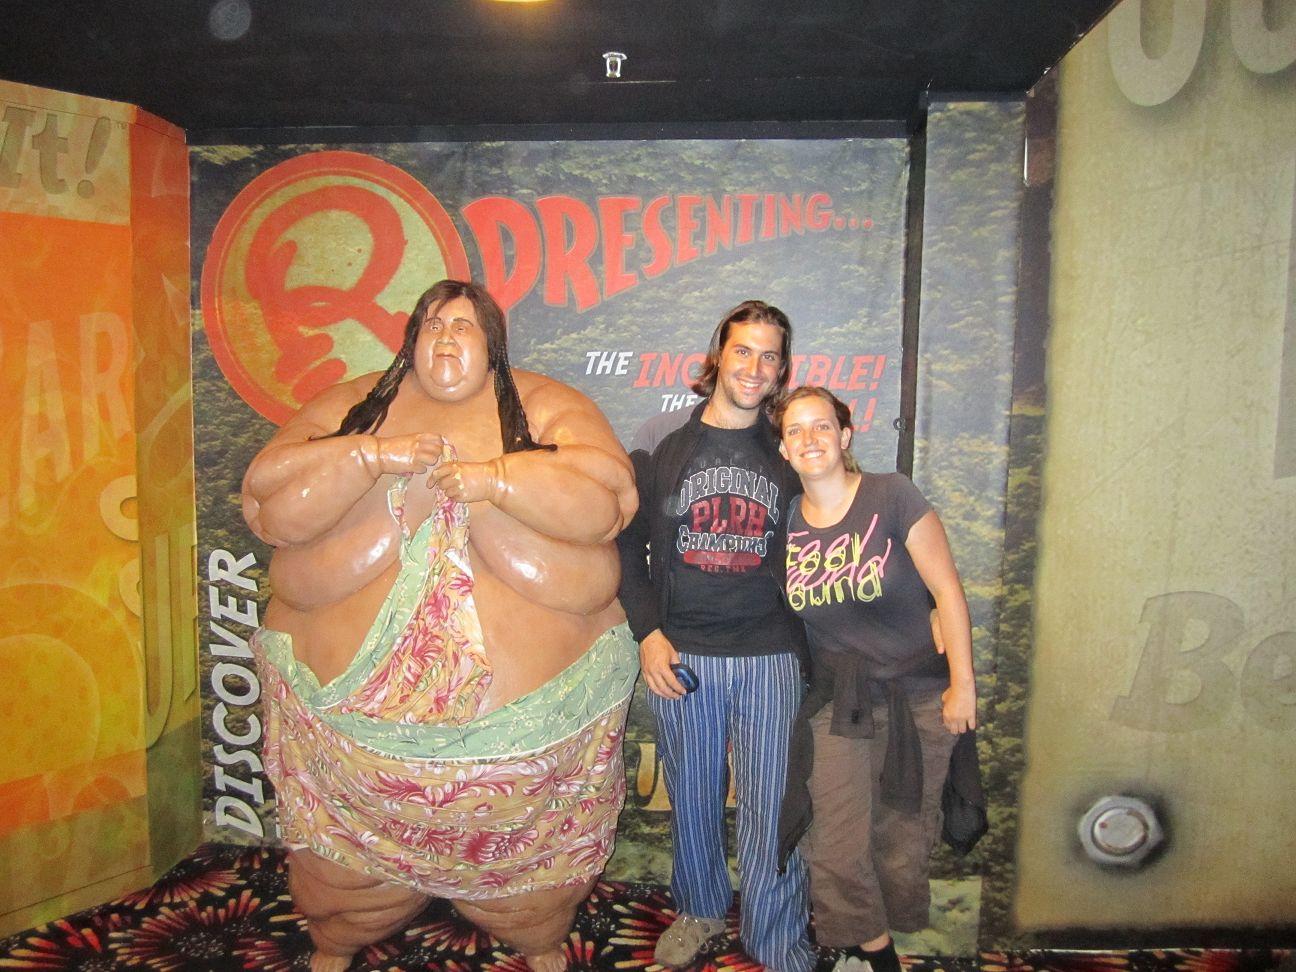 Das war wohl der fetteste mensch der welt da sehen wir ja richtig